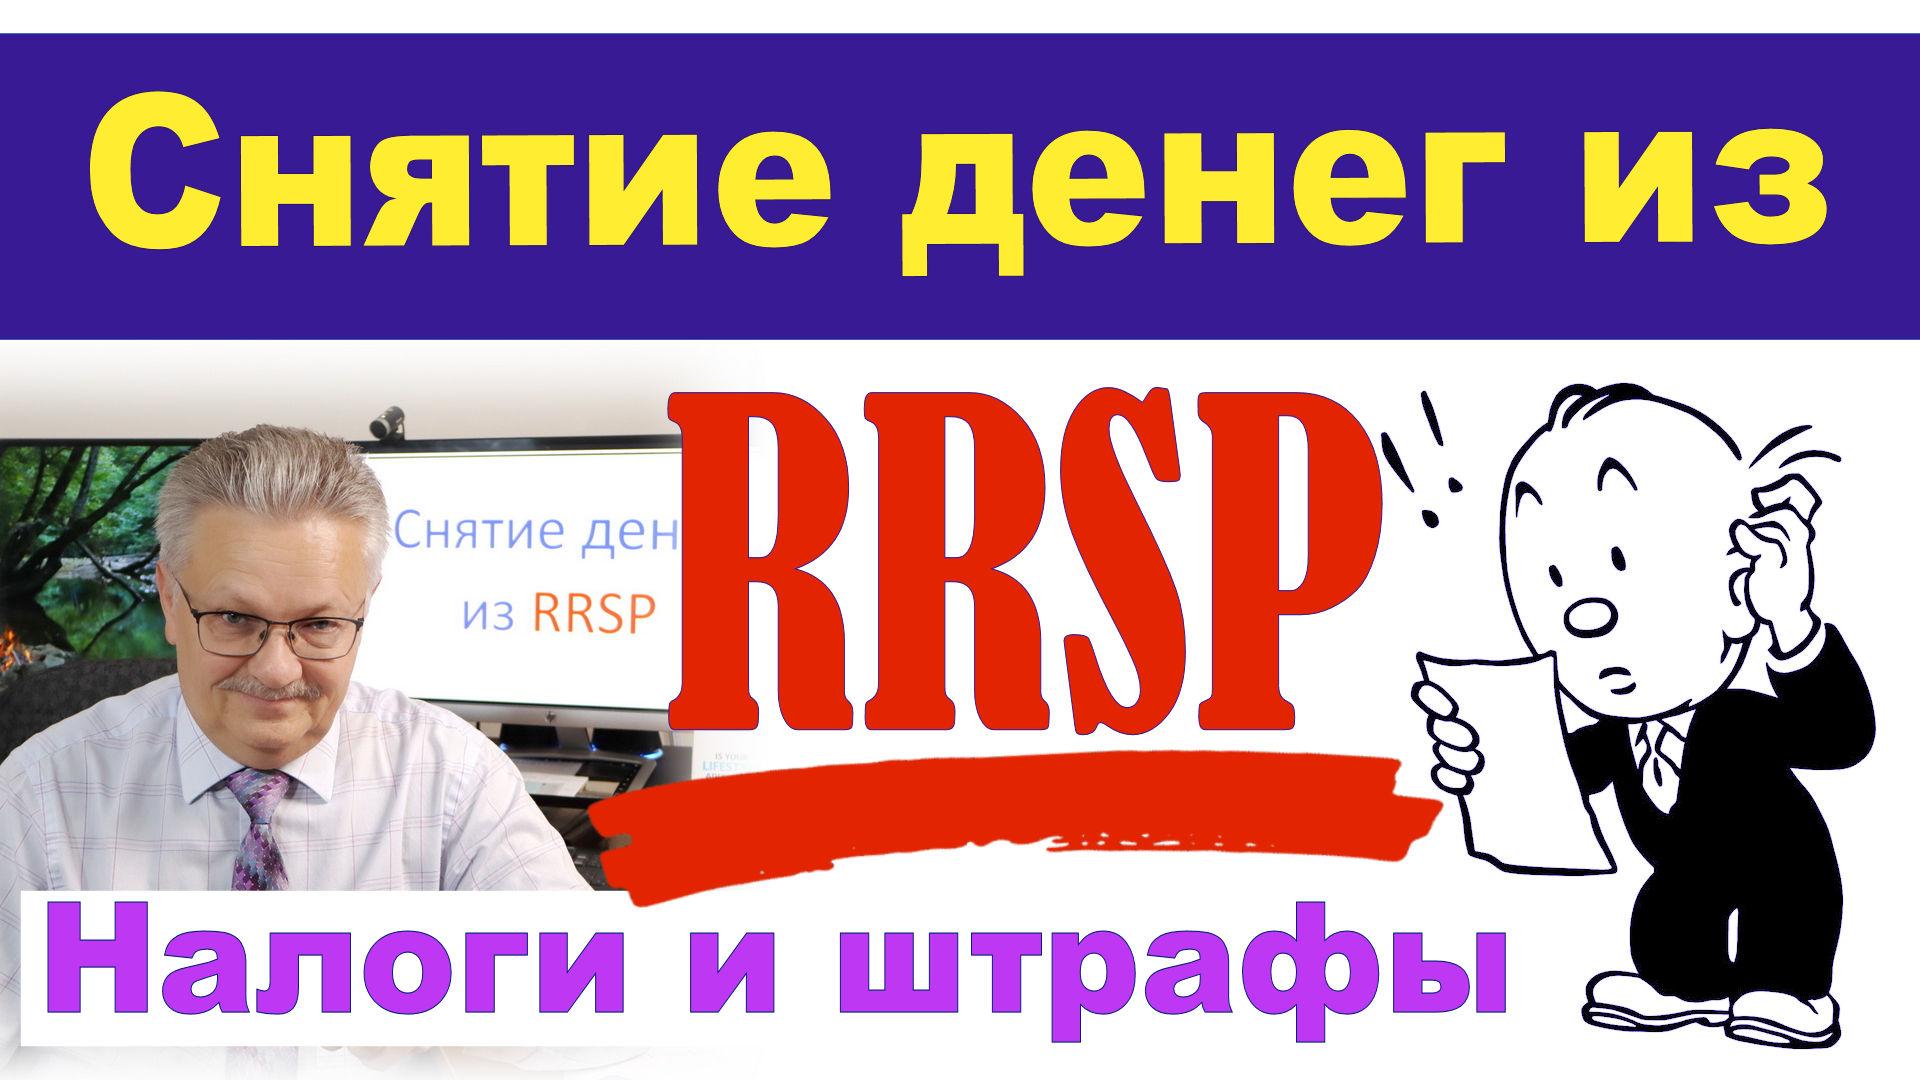 Снятие денег из RRSP. Налоги и штрафы